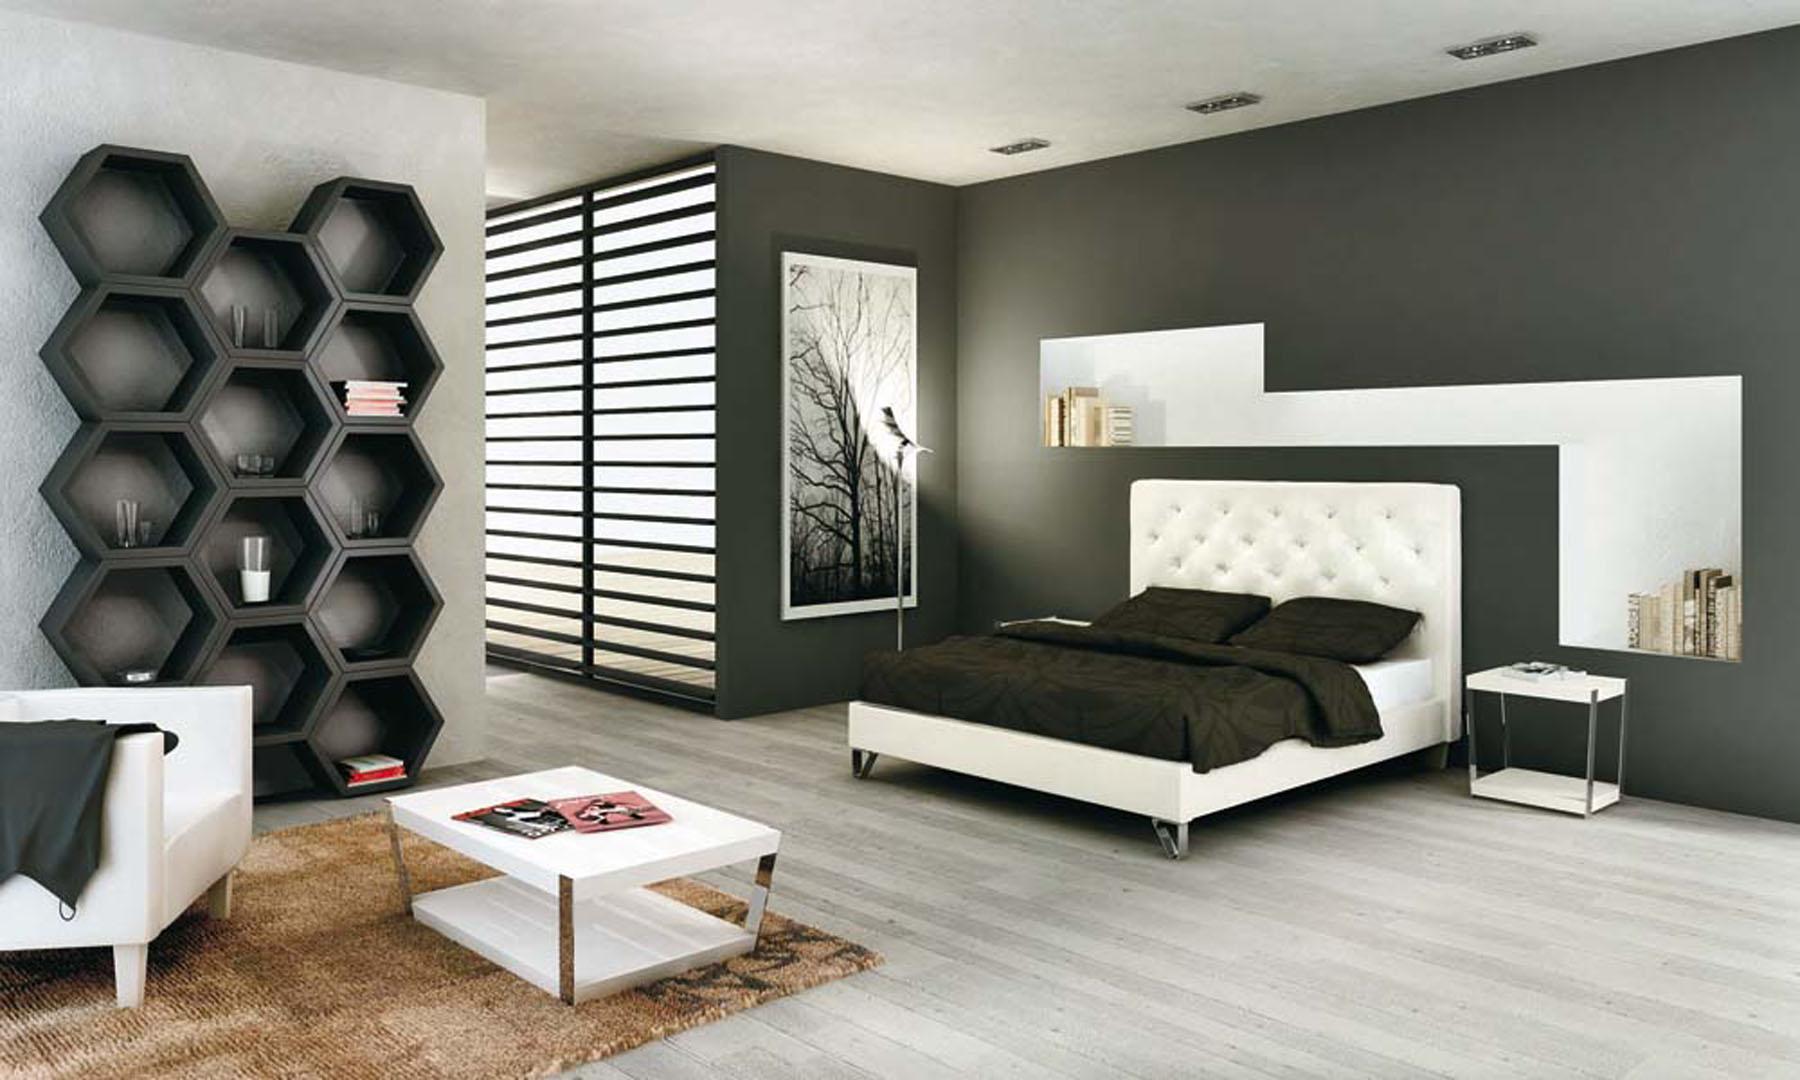 Camere moderne sirigu mobili - Camera da letto berloni ...